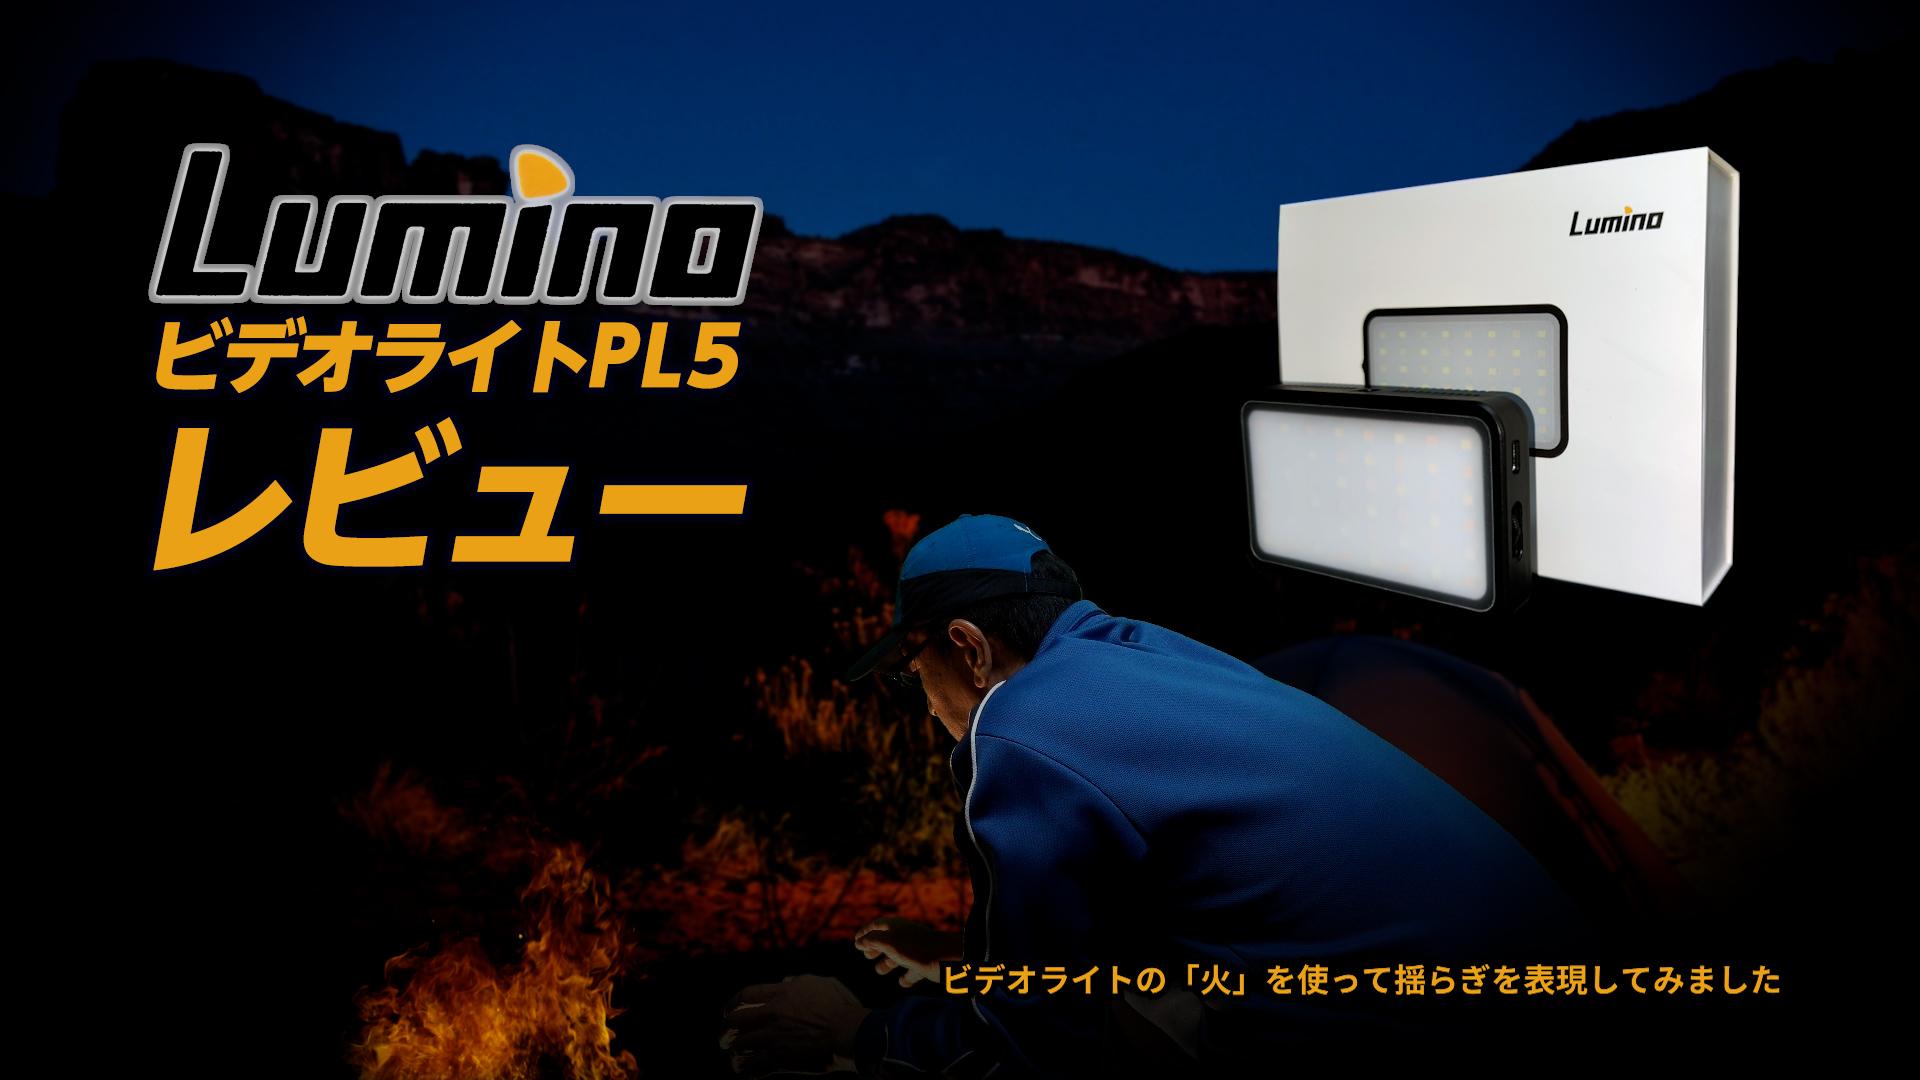 Lumino PL5ビデオライトレビュー